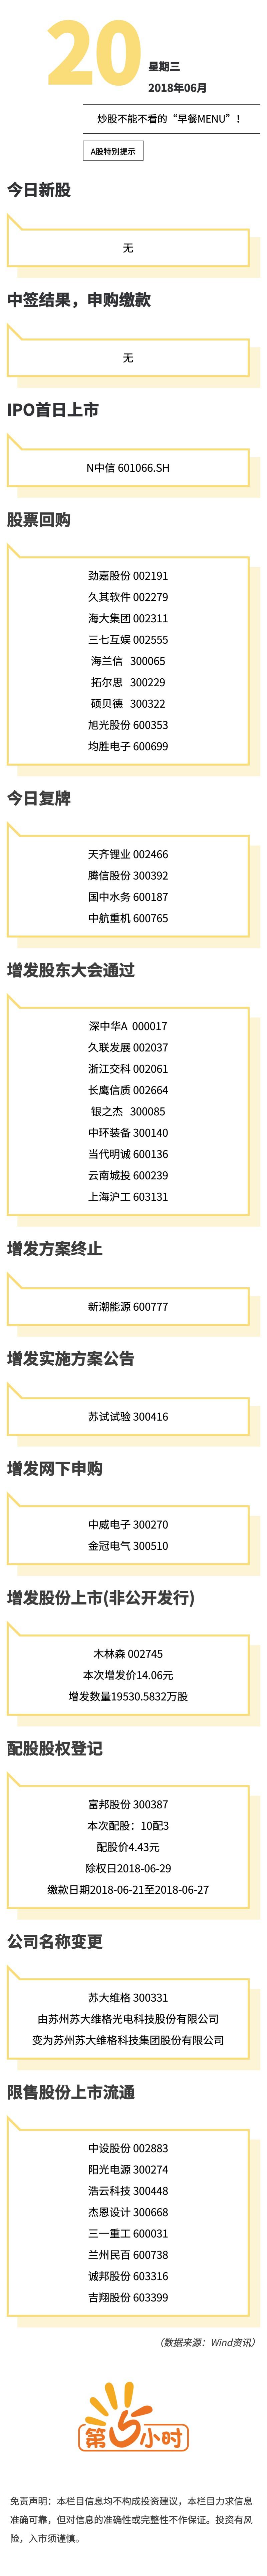 A股特别提示(2018-06-20).jpg